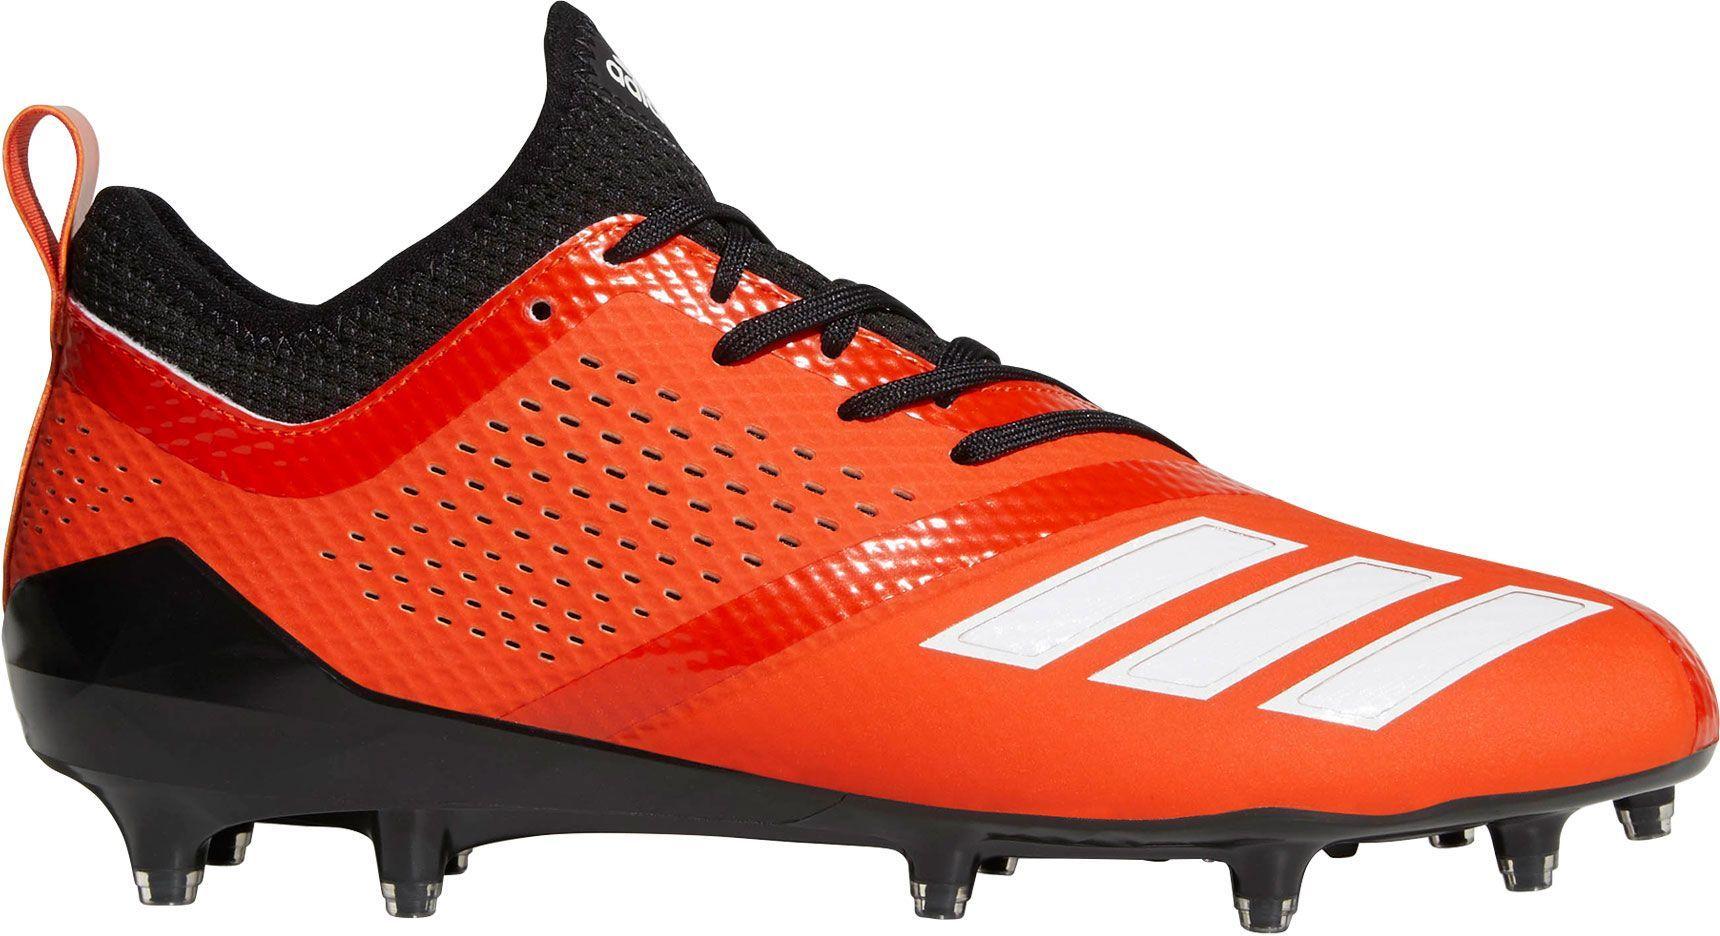 Football cleats, Adidas football cleats